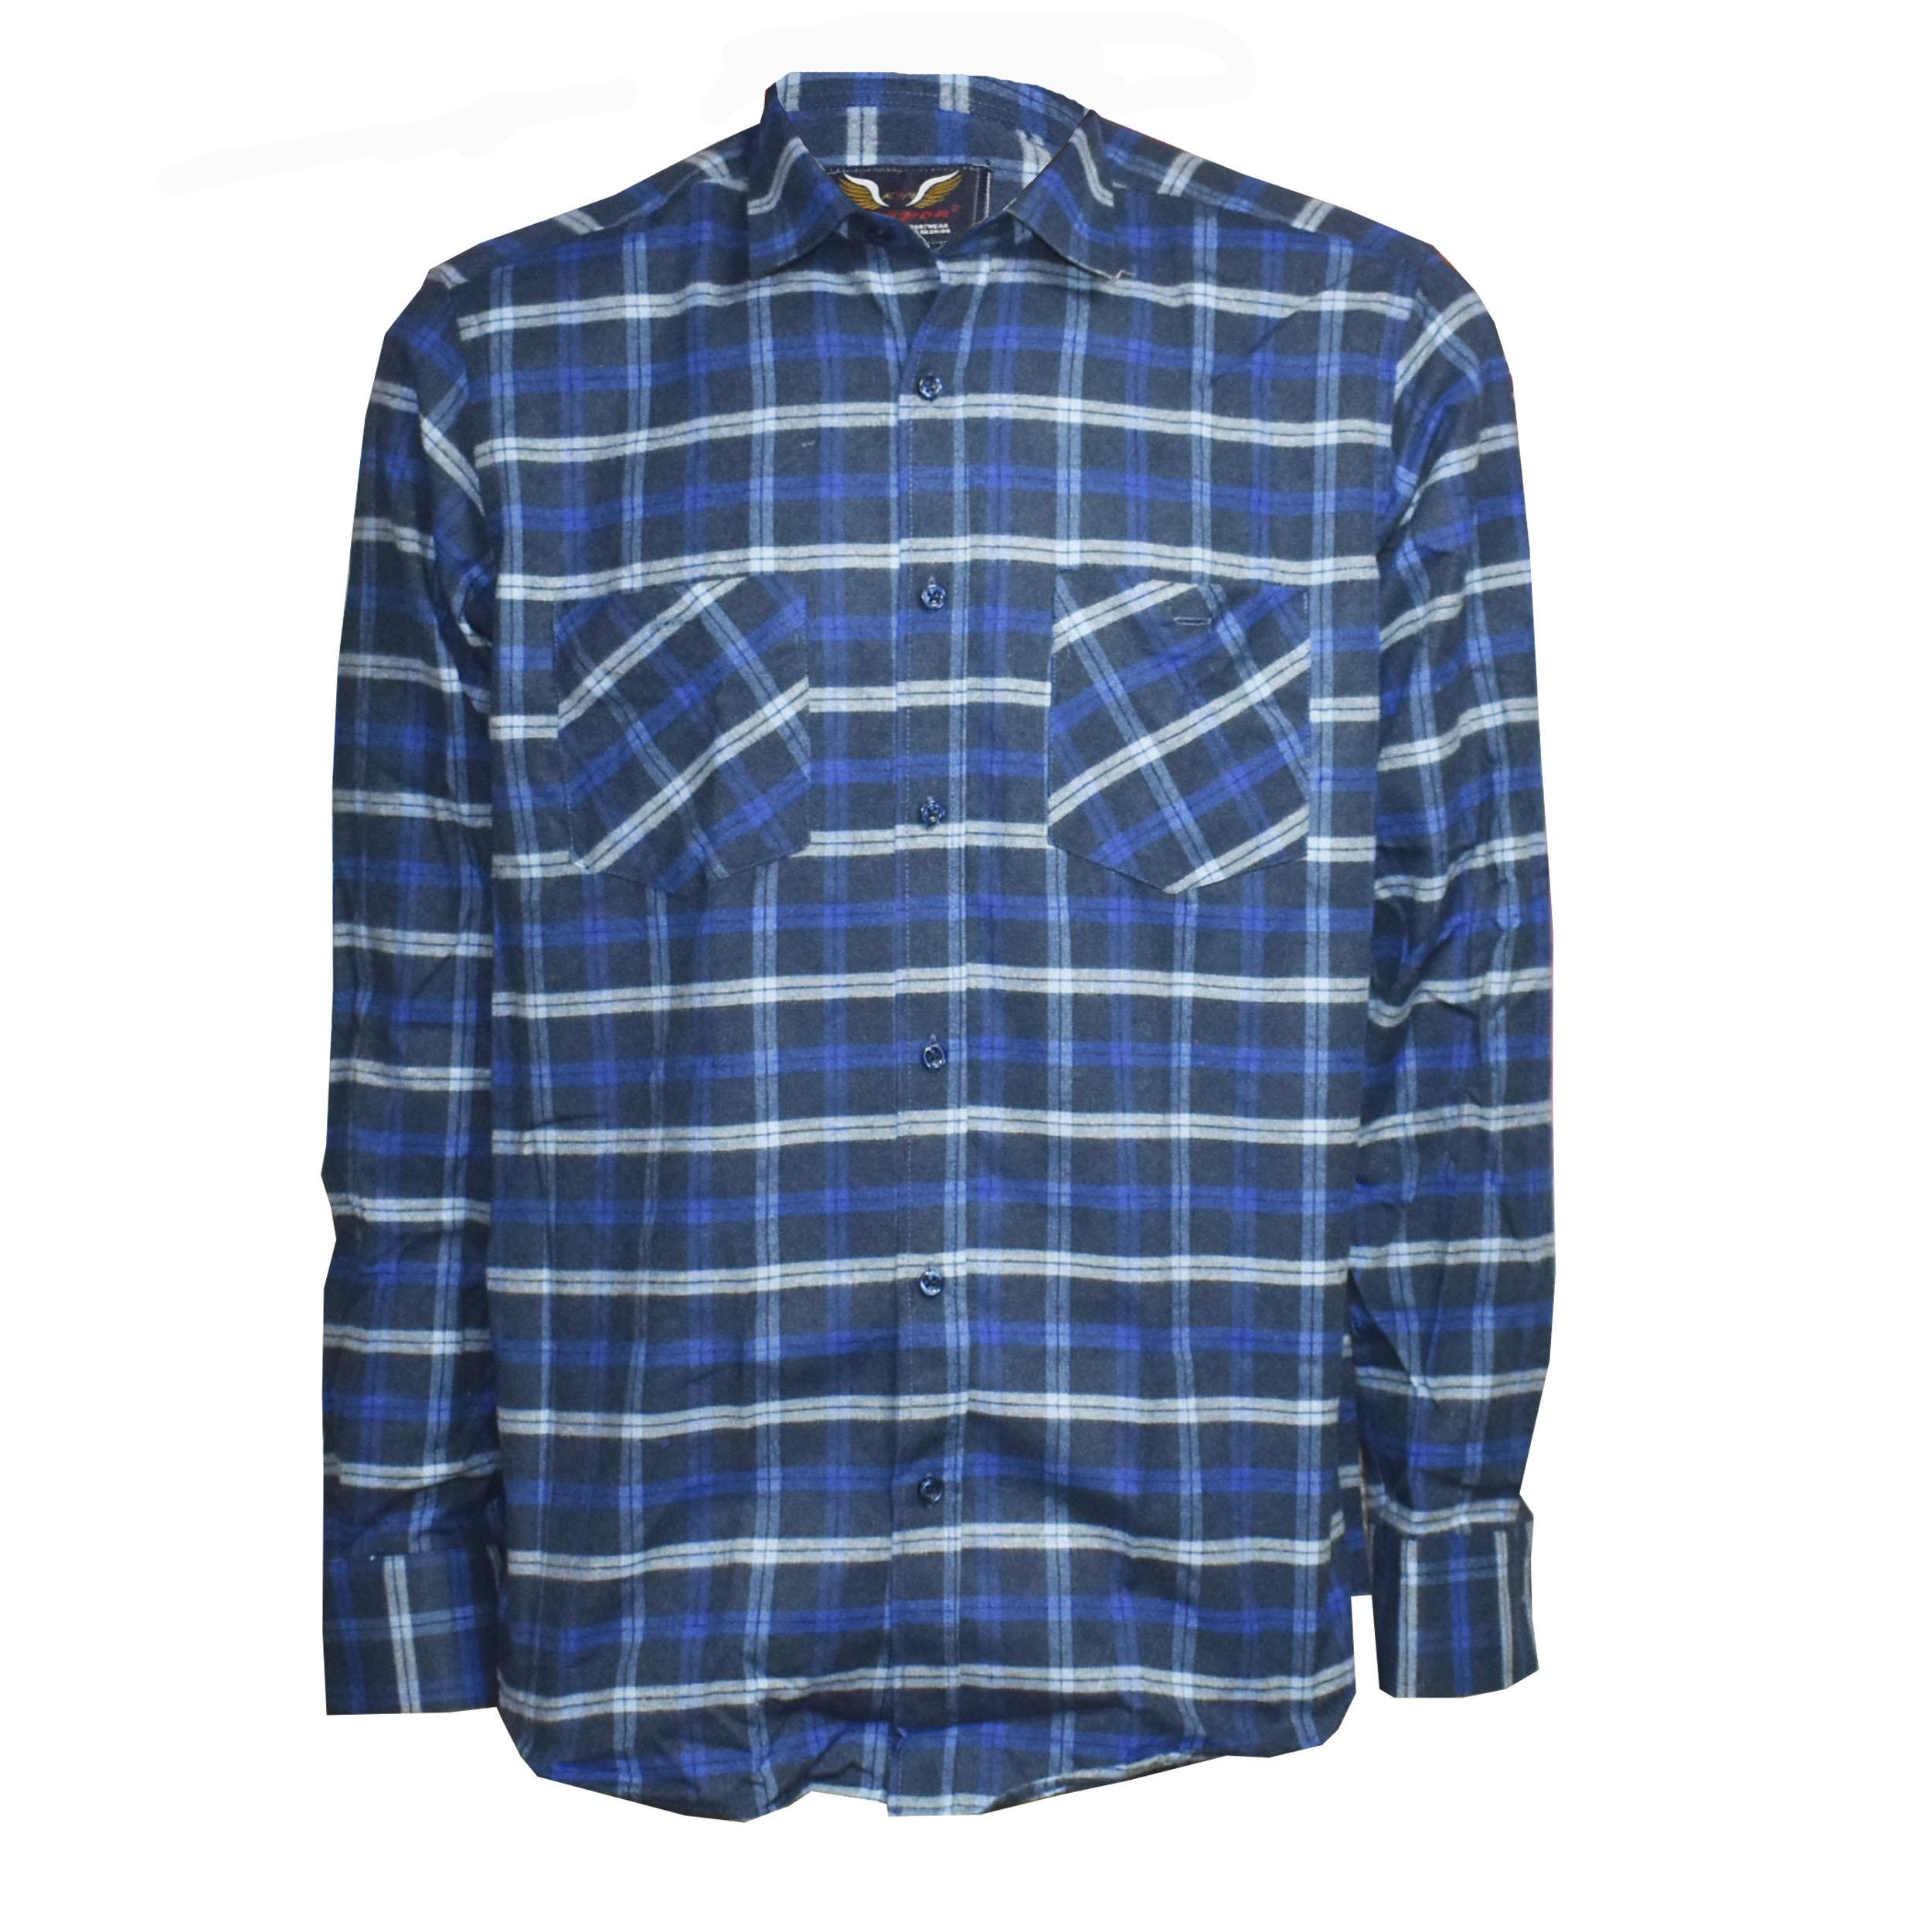 پیراهن مردانه کوکپون مدل ۸۵۵۵-LLL